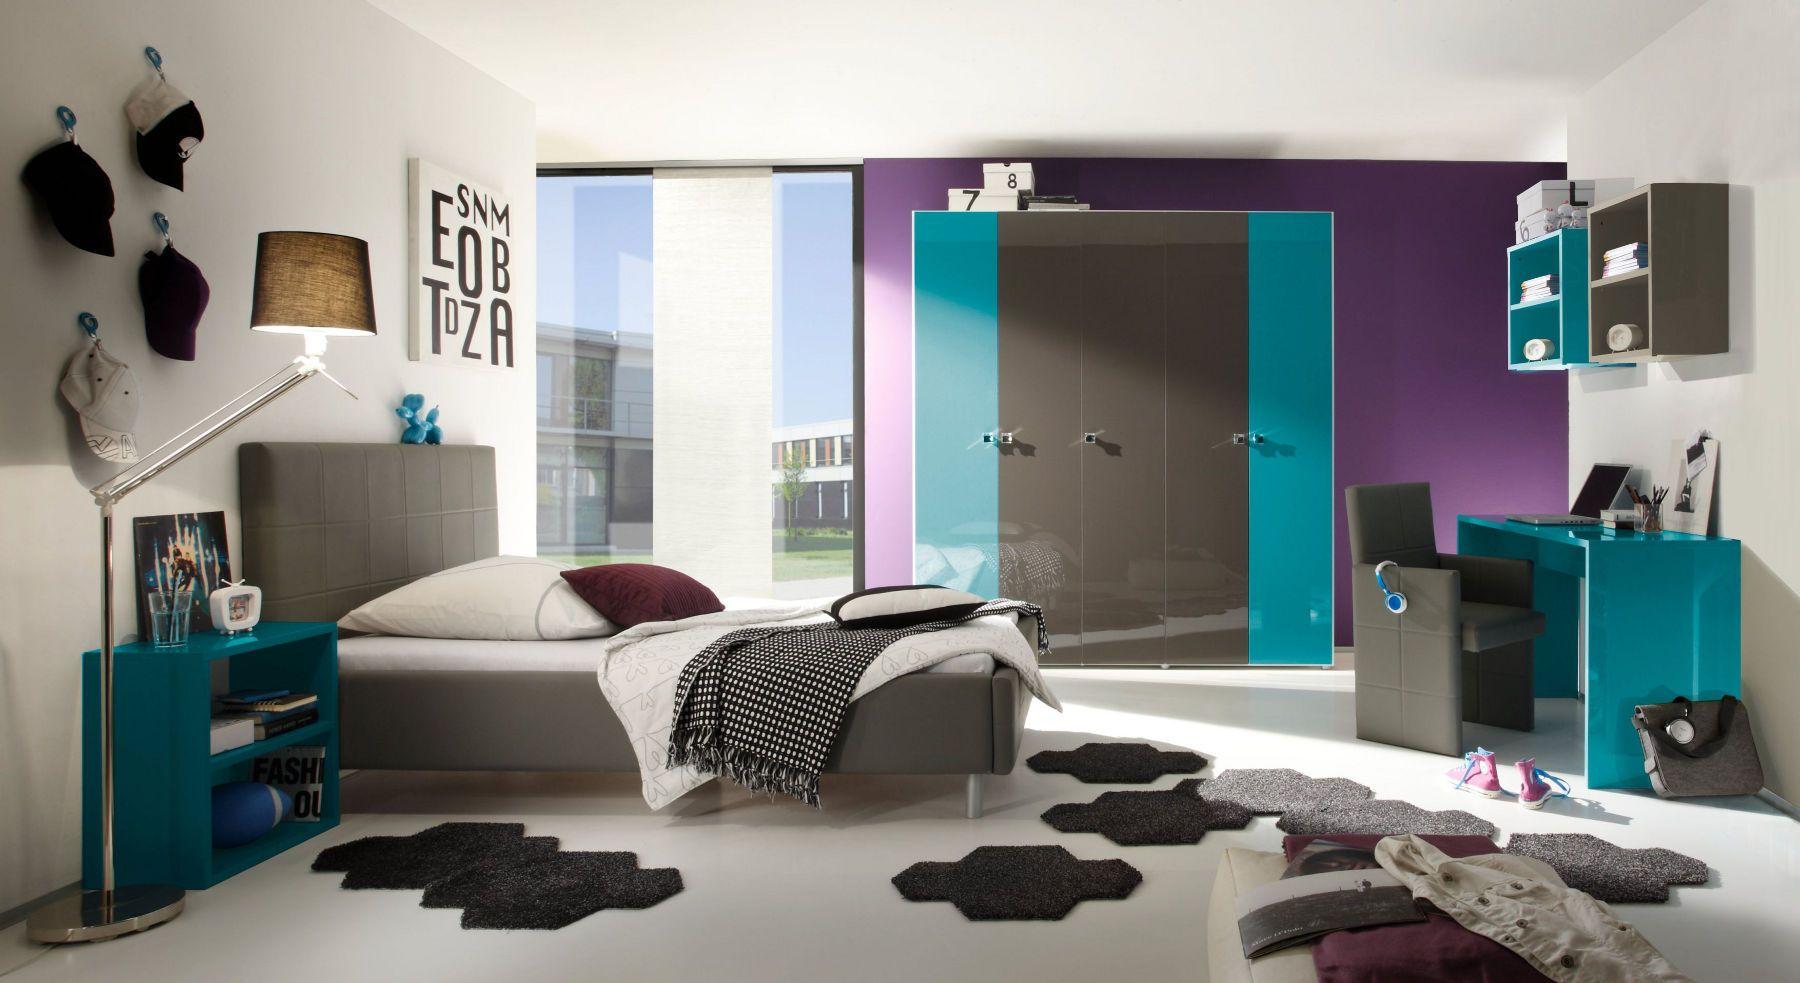 Schlafzimmer Modern Luxus Schmauchbrueder.com